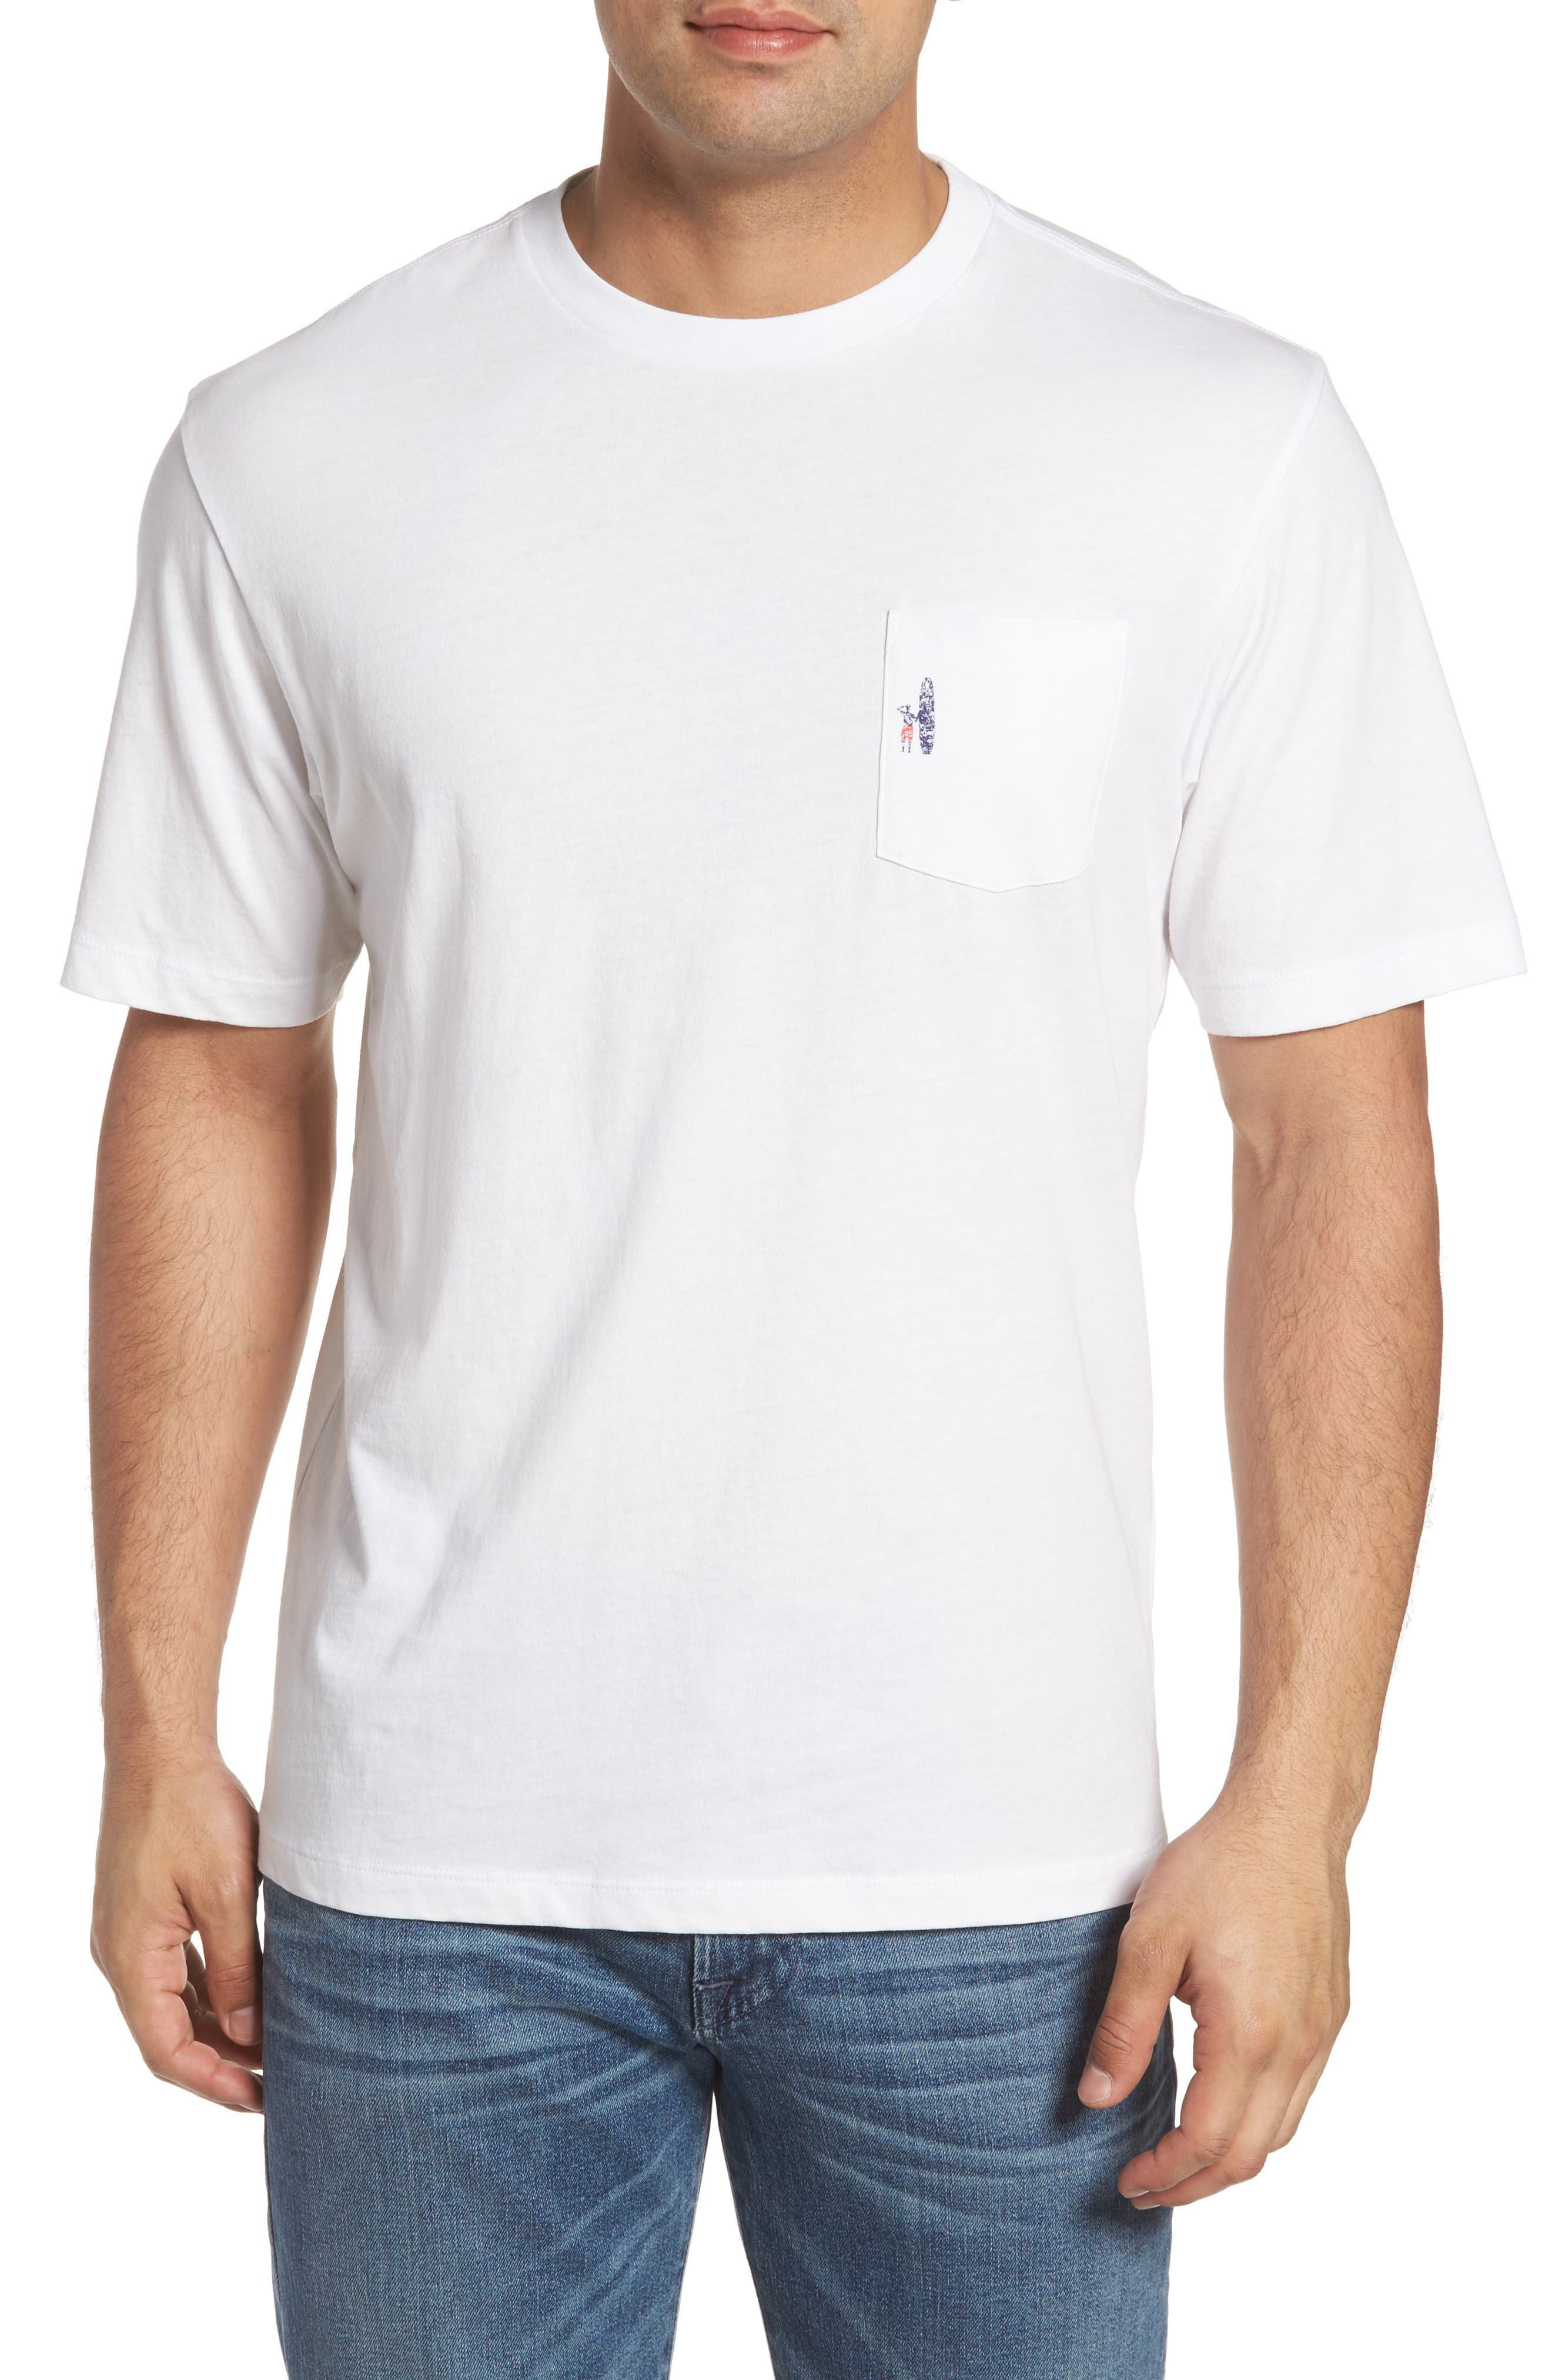 Union Graphic T-Shirt,                         Main,                         color, 100